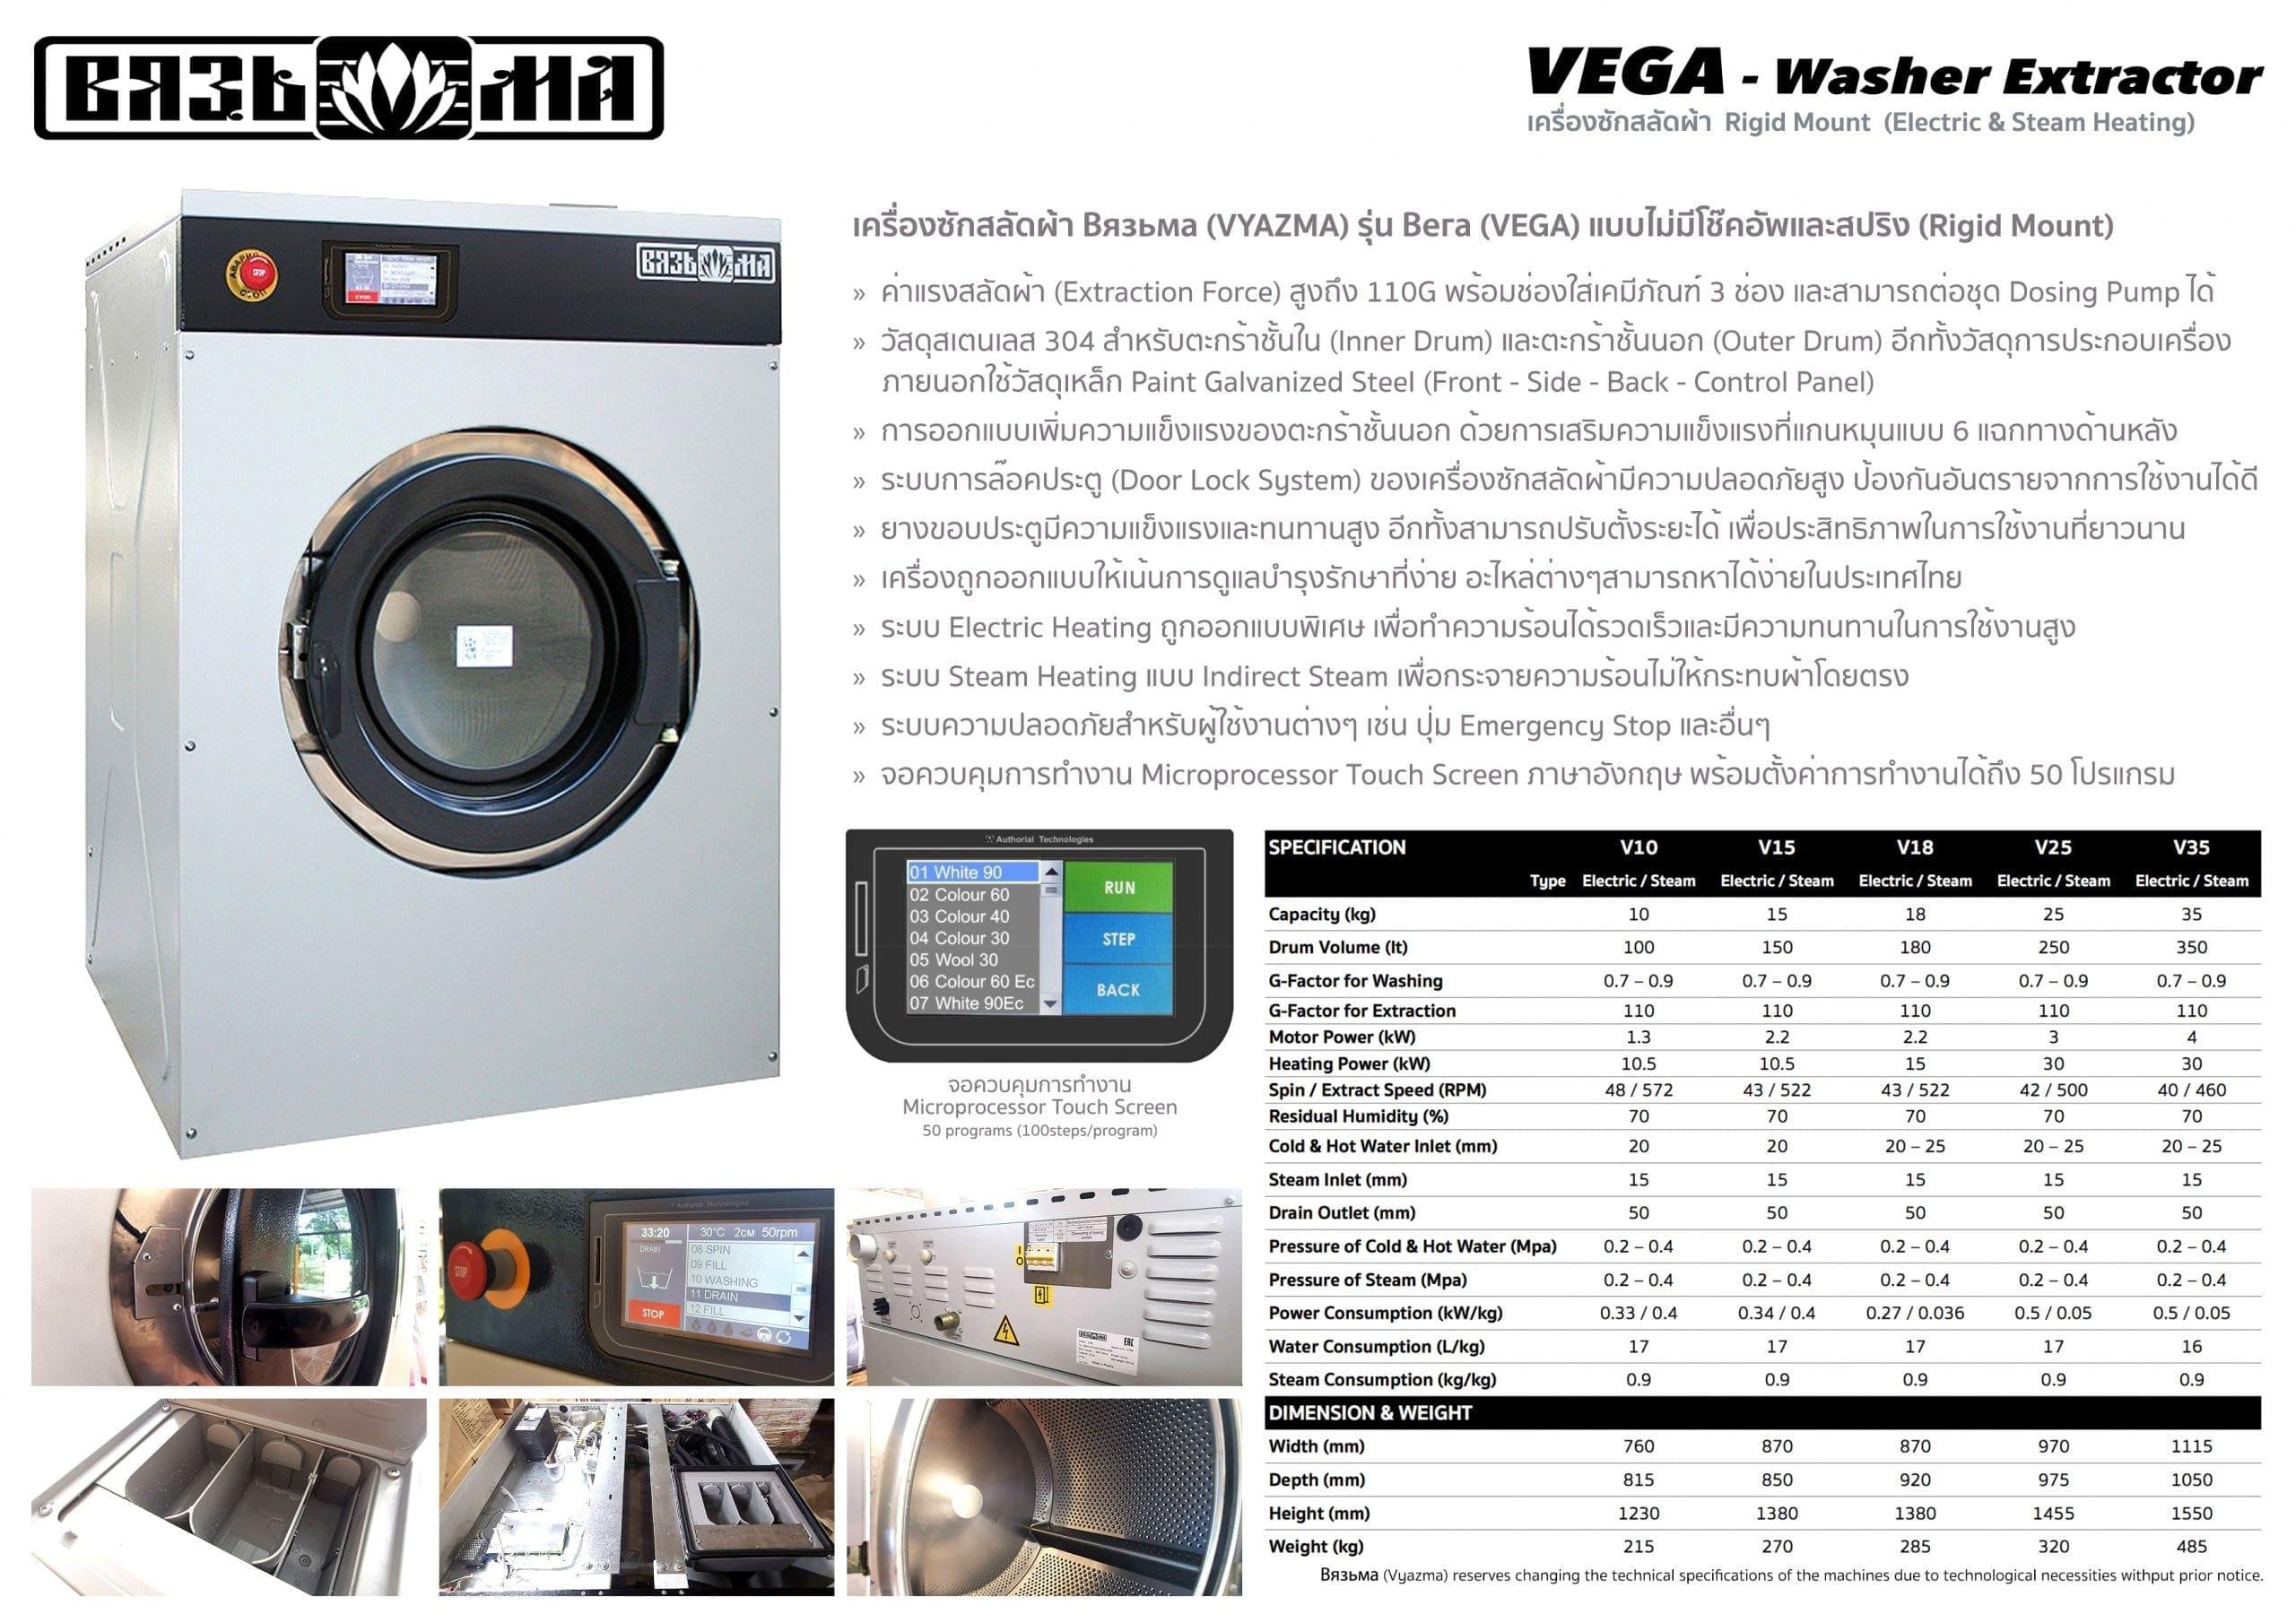 เครื่องซักผ้าอุตสาหกรรม VYAZMA VEGA เหมาะกับโรงแรมขนาดเล็กและขนาดกลาง